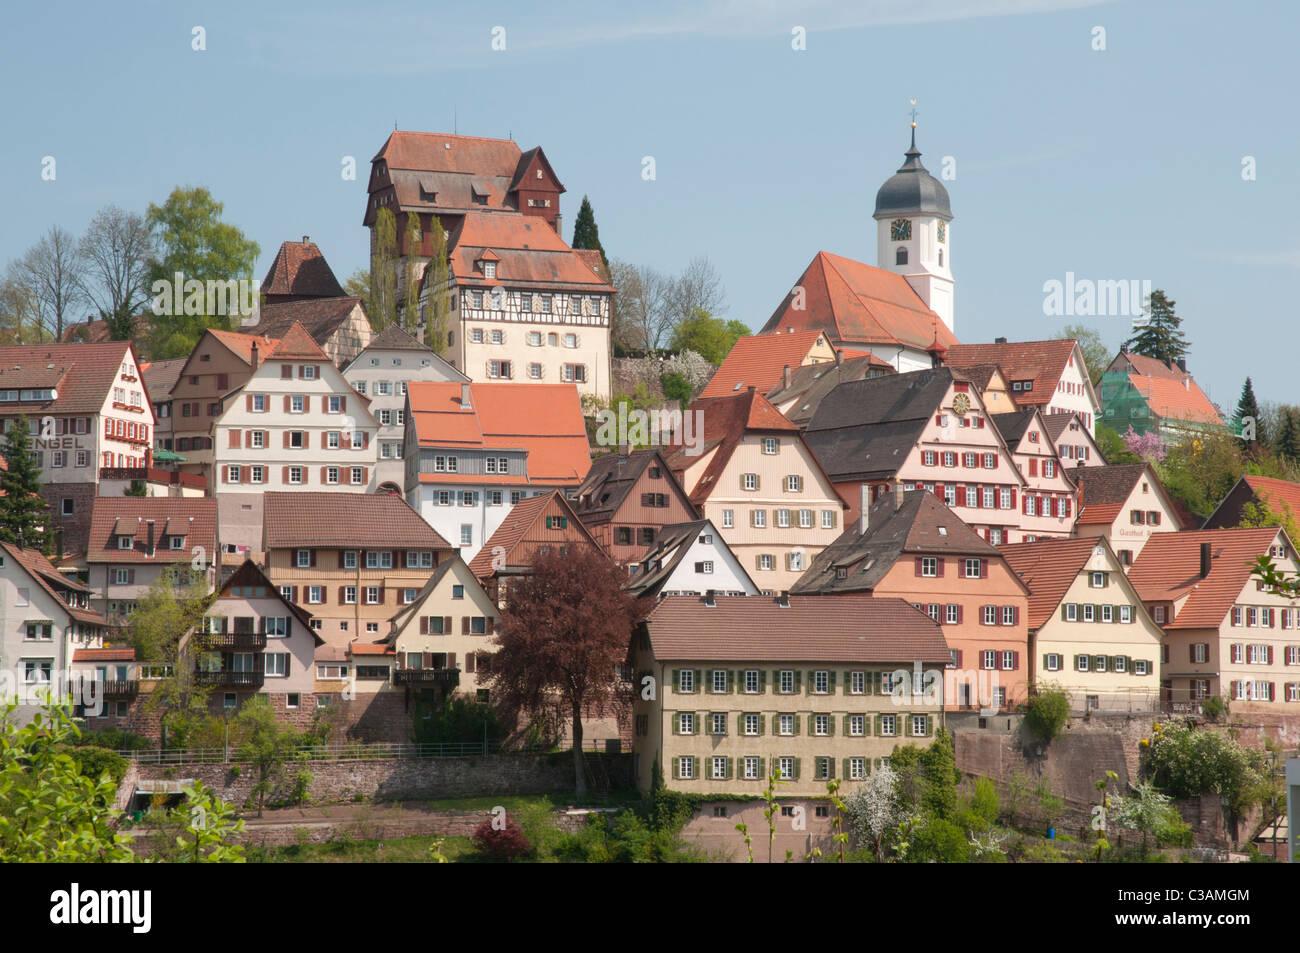 Blick Auf Den Historischen Stadtkern von Altensteig, Schwarzwald, Landkreis Calw, Baden-Württemberg, Deutschland Stockbild